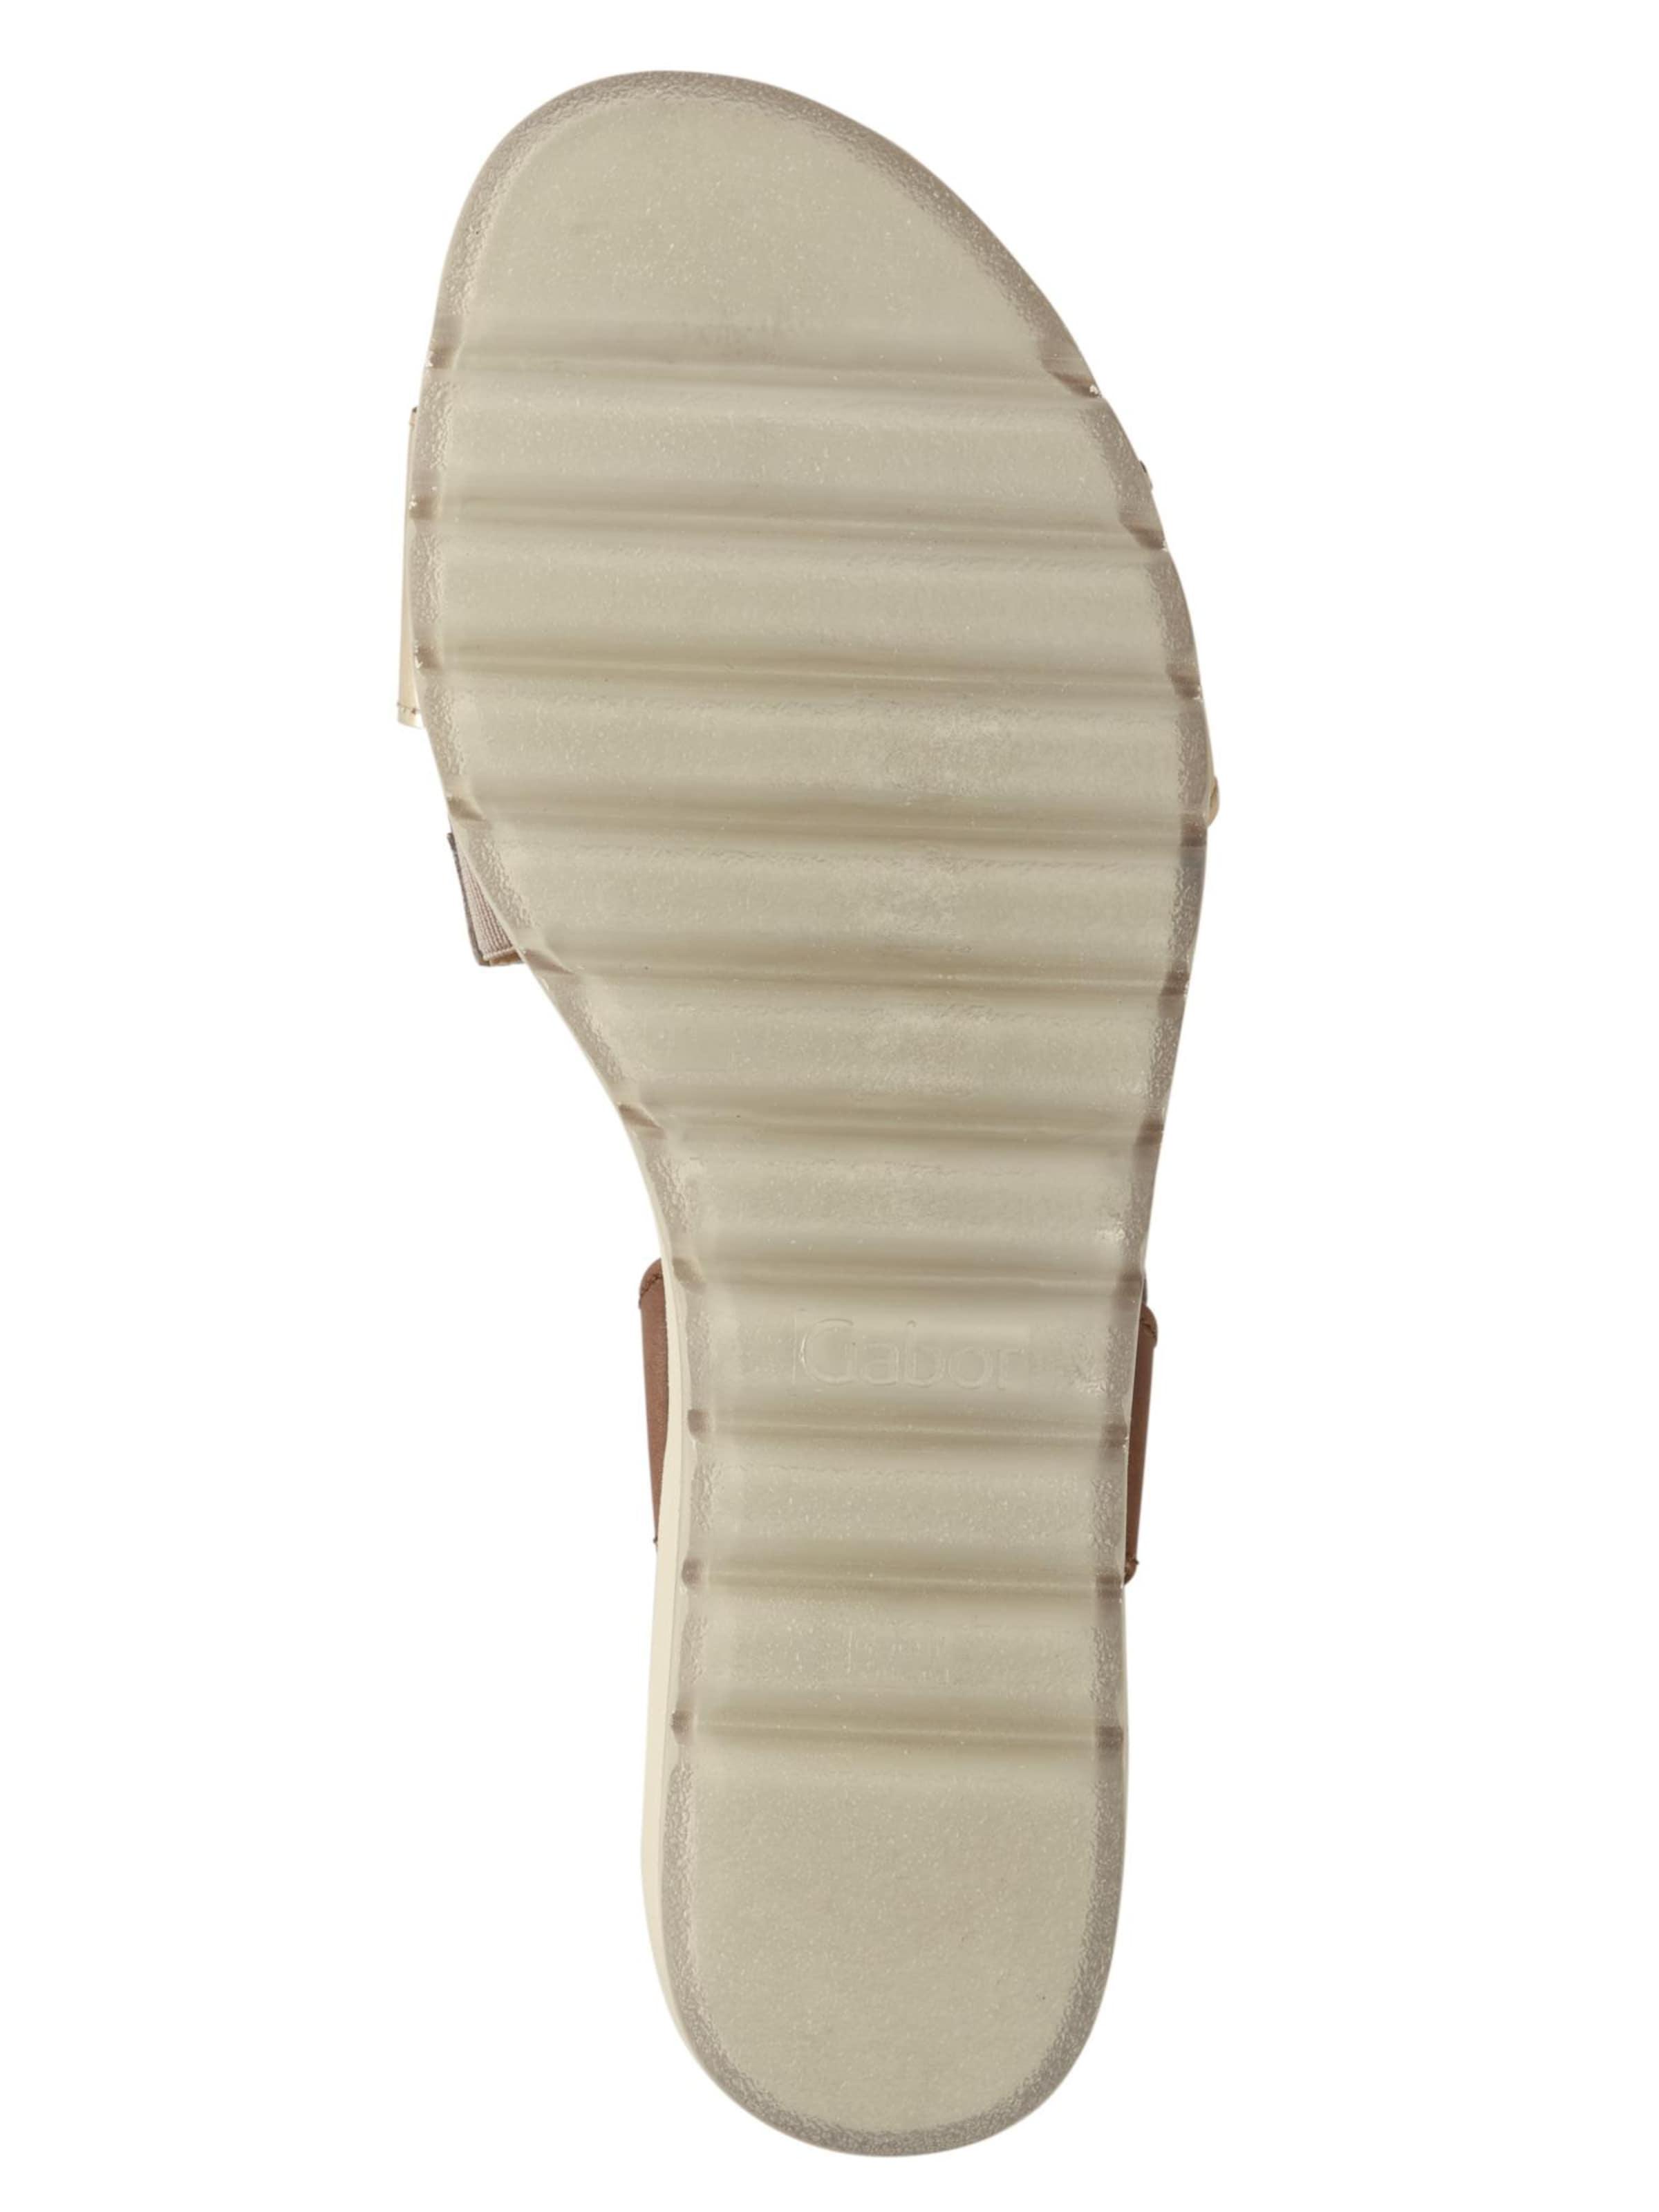 GABOR Sandalette Leder gut Bequem, gut Leder aussehend 1836ba